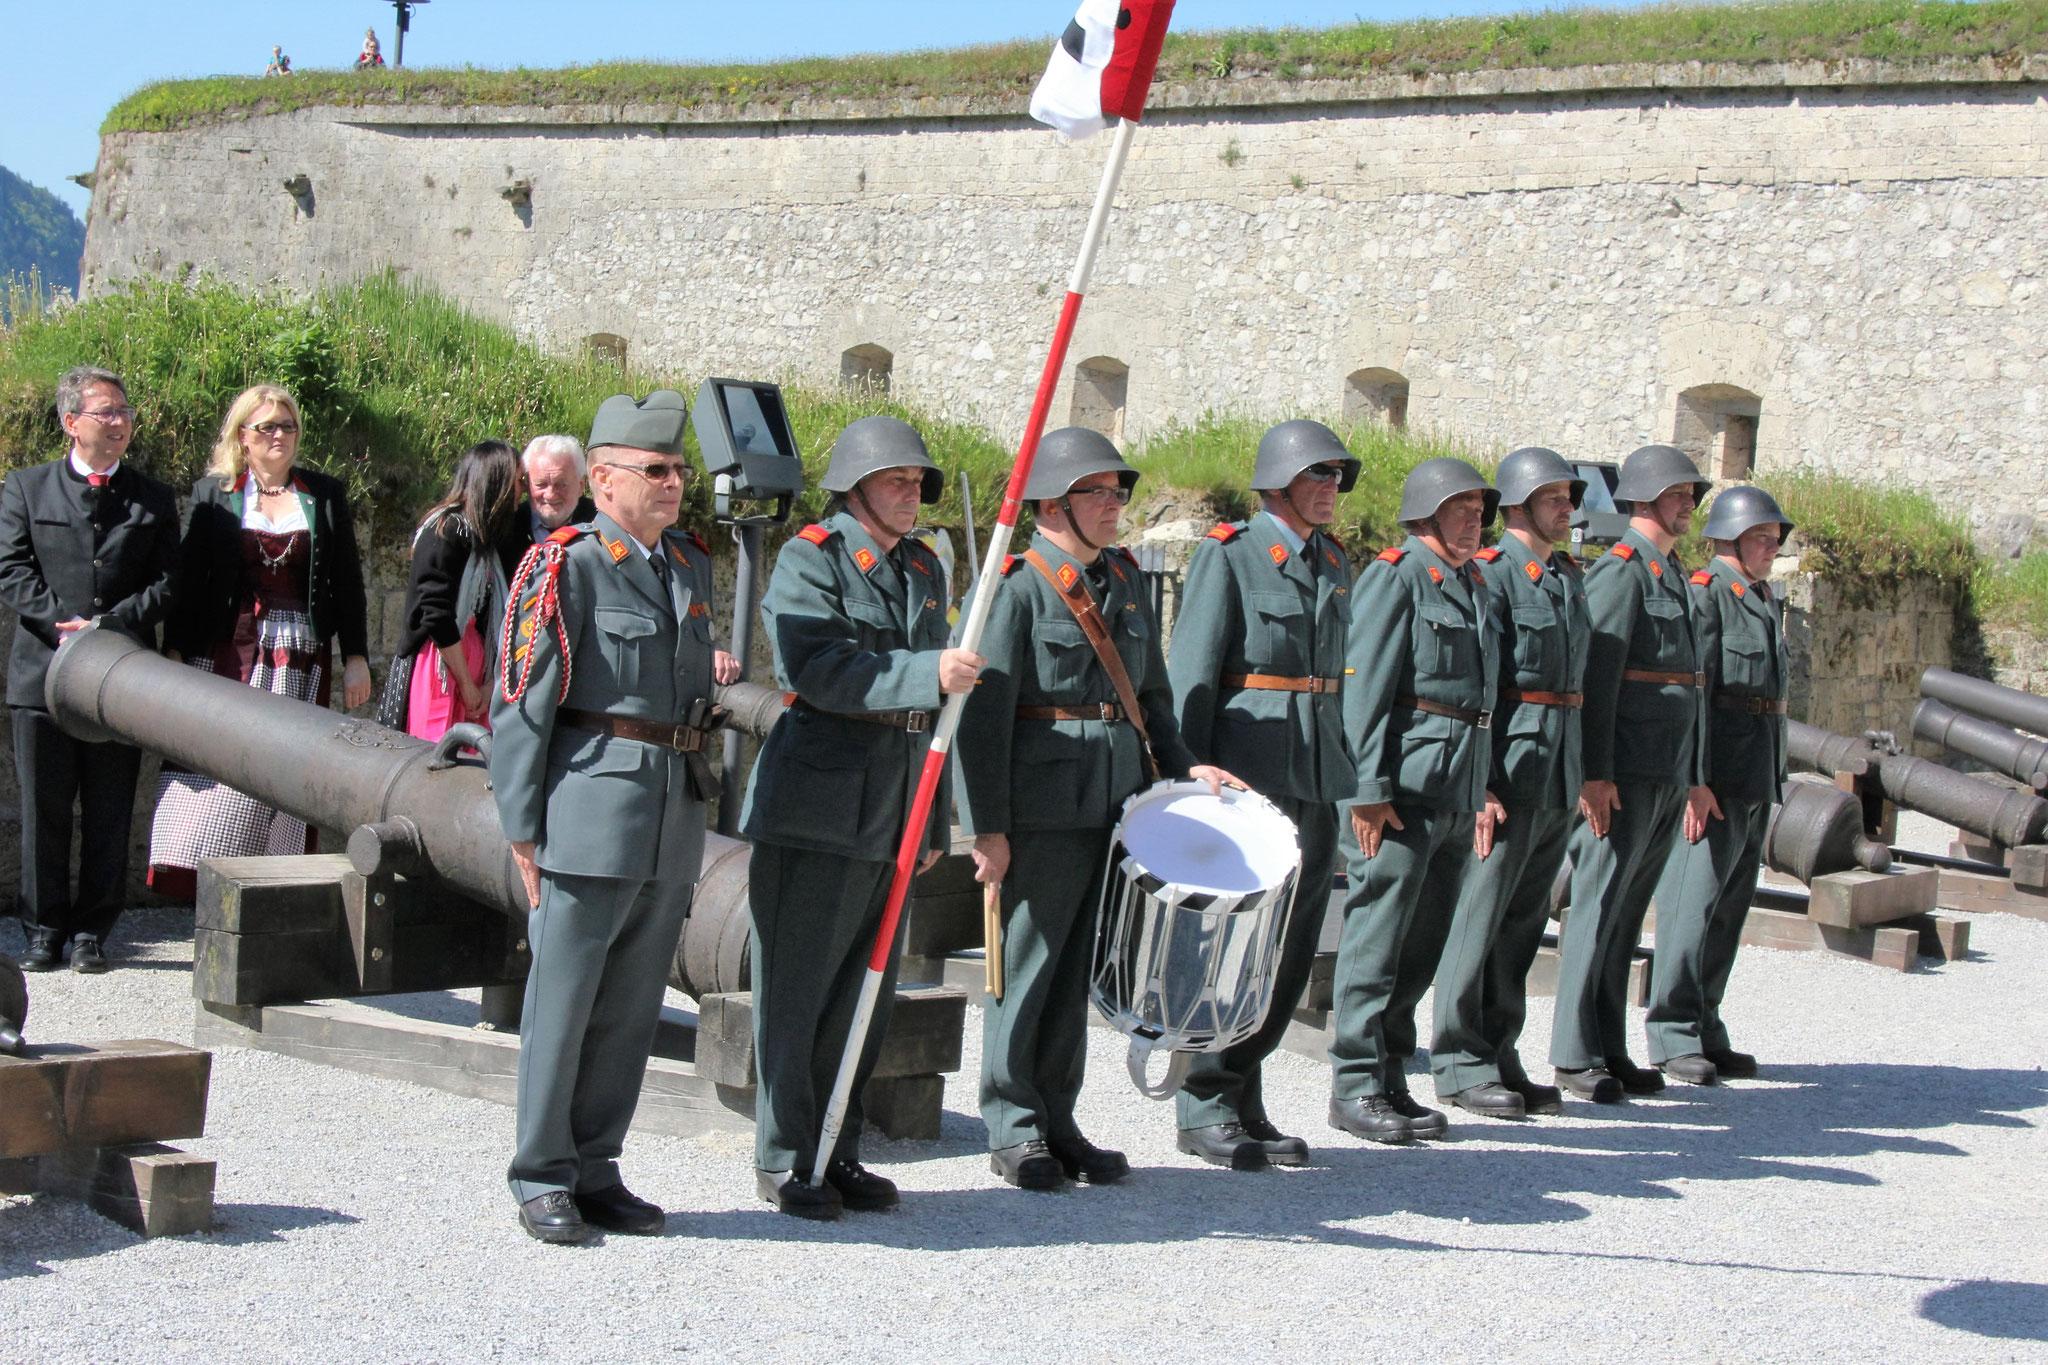 Die Frauenfelder Mannschft wartet auf den Einsatz Inspektion in Kufstein